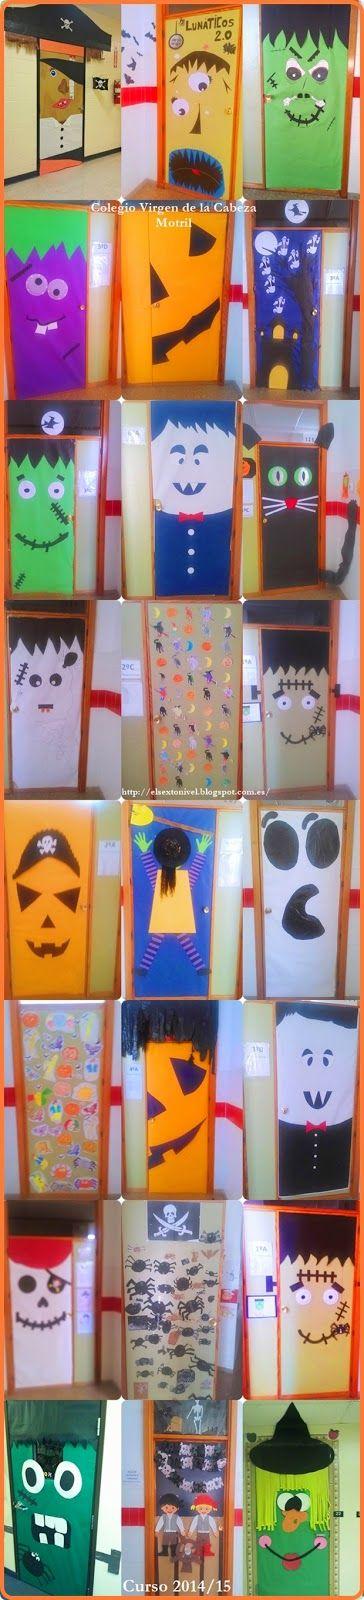 ¡La maestra ha quedado genial!    Hemos decorado las puertas y pasillos de nuestras aulas para Halloween como actividad divertida co...